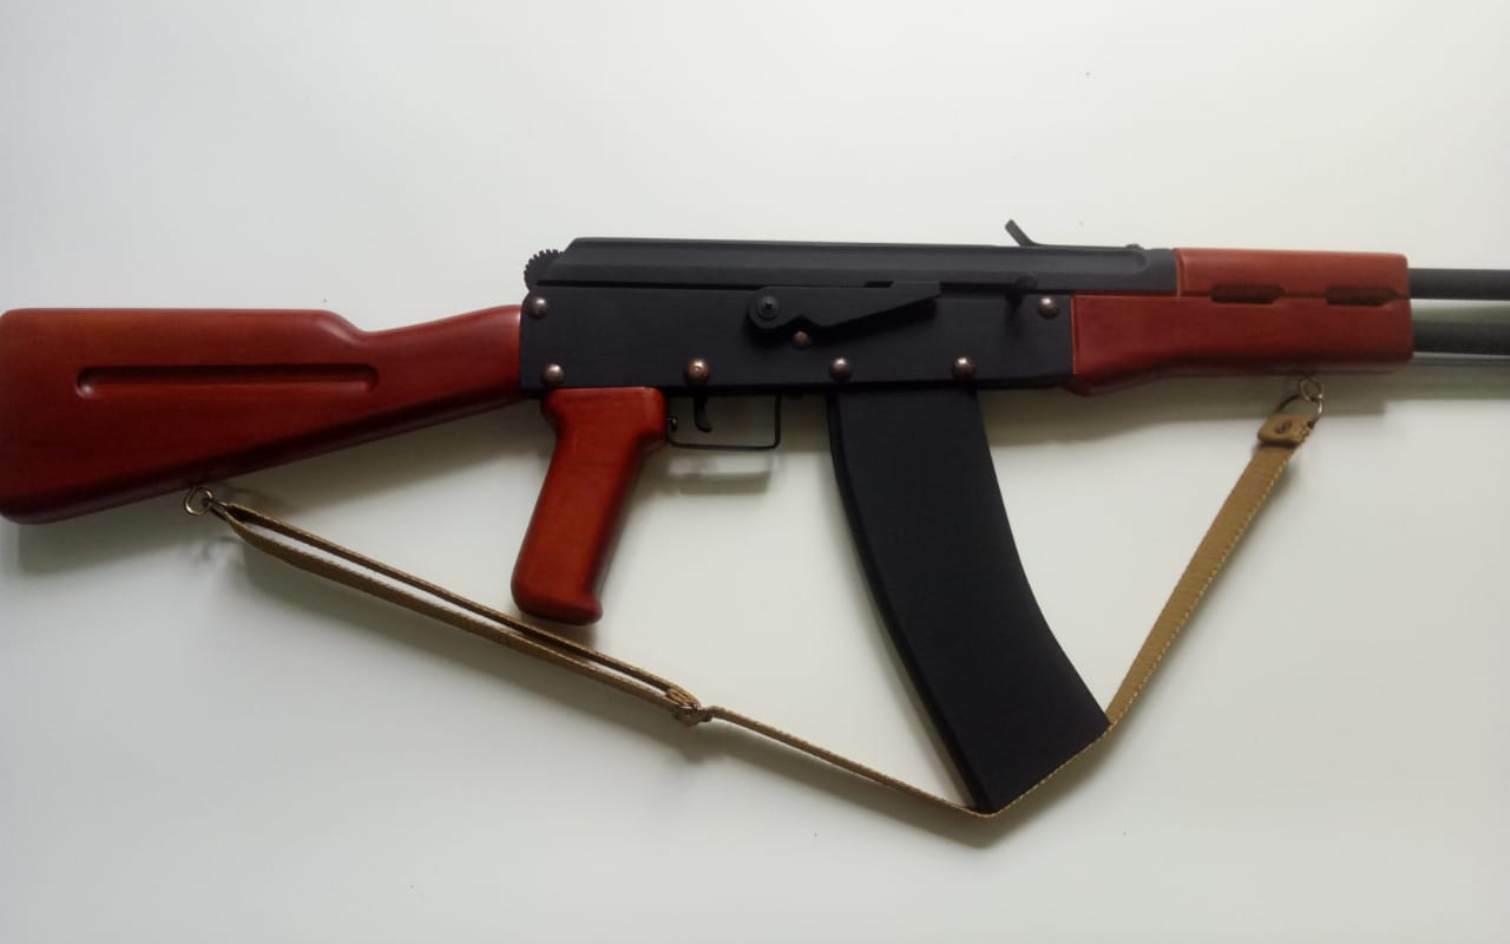 ak47 model toy gun - HD1510×944